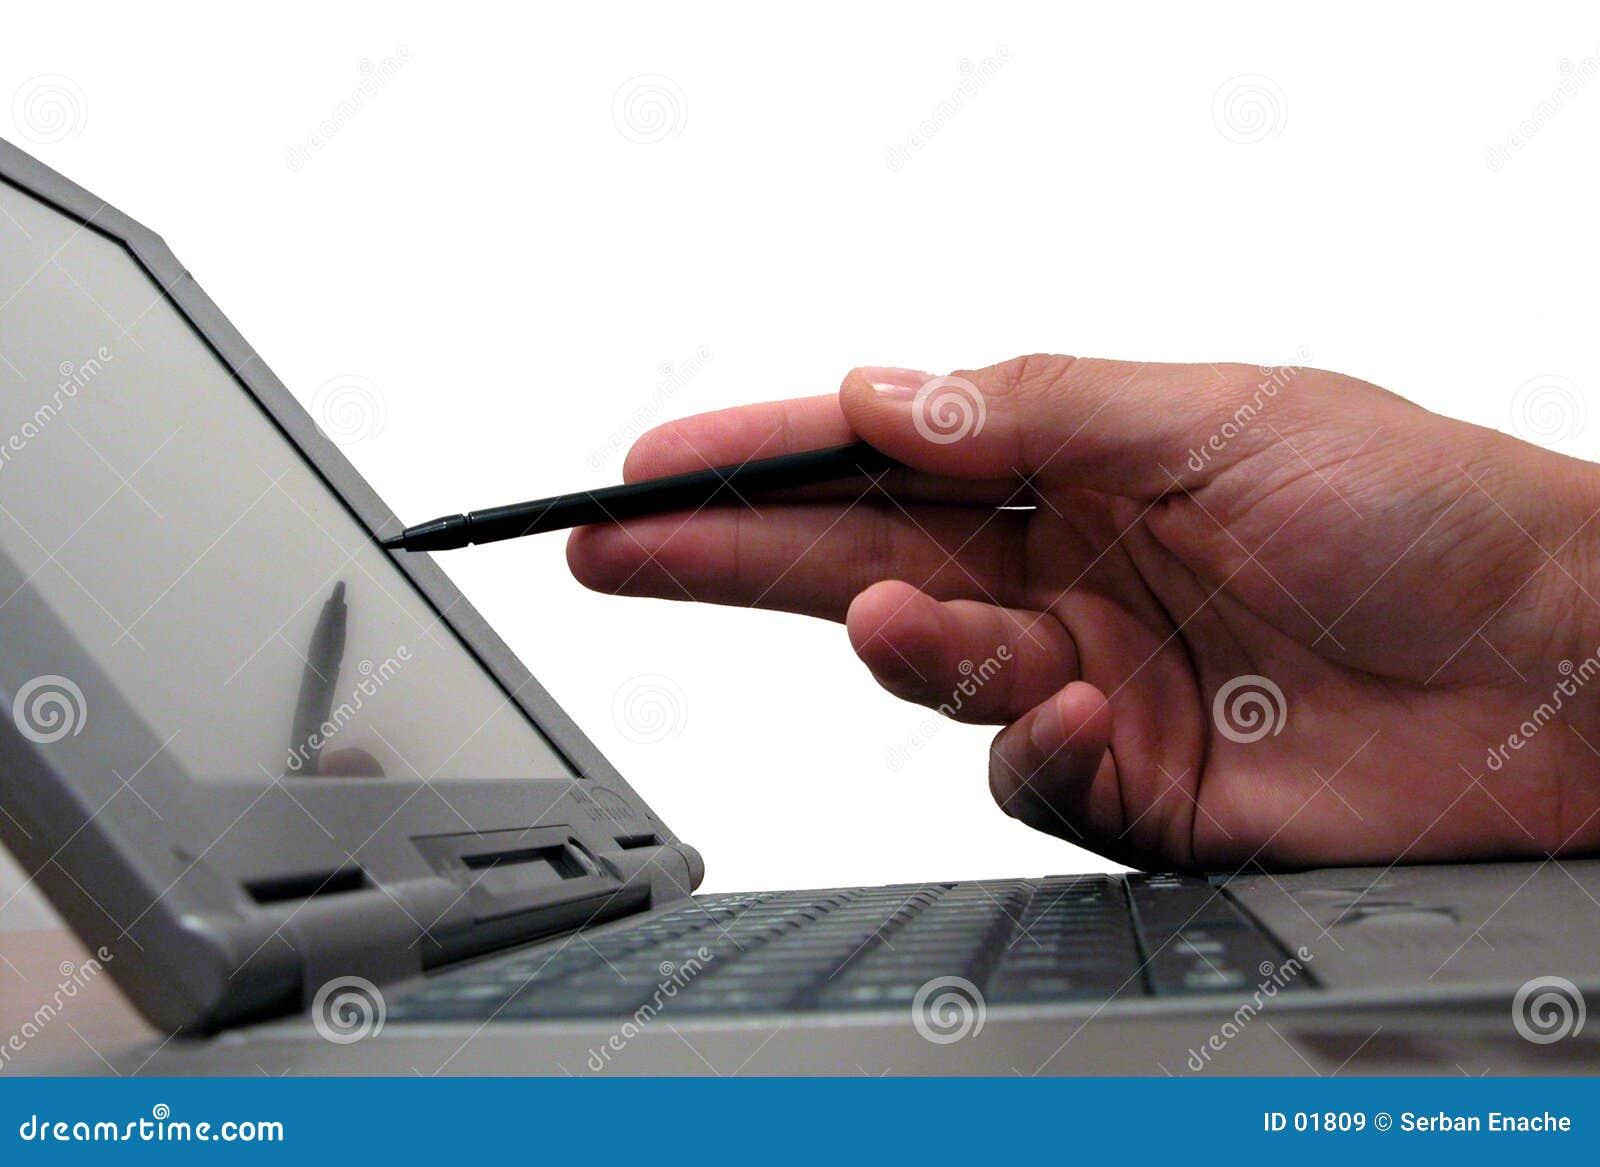 Computer TFT screen 1